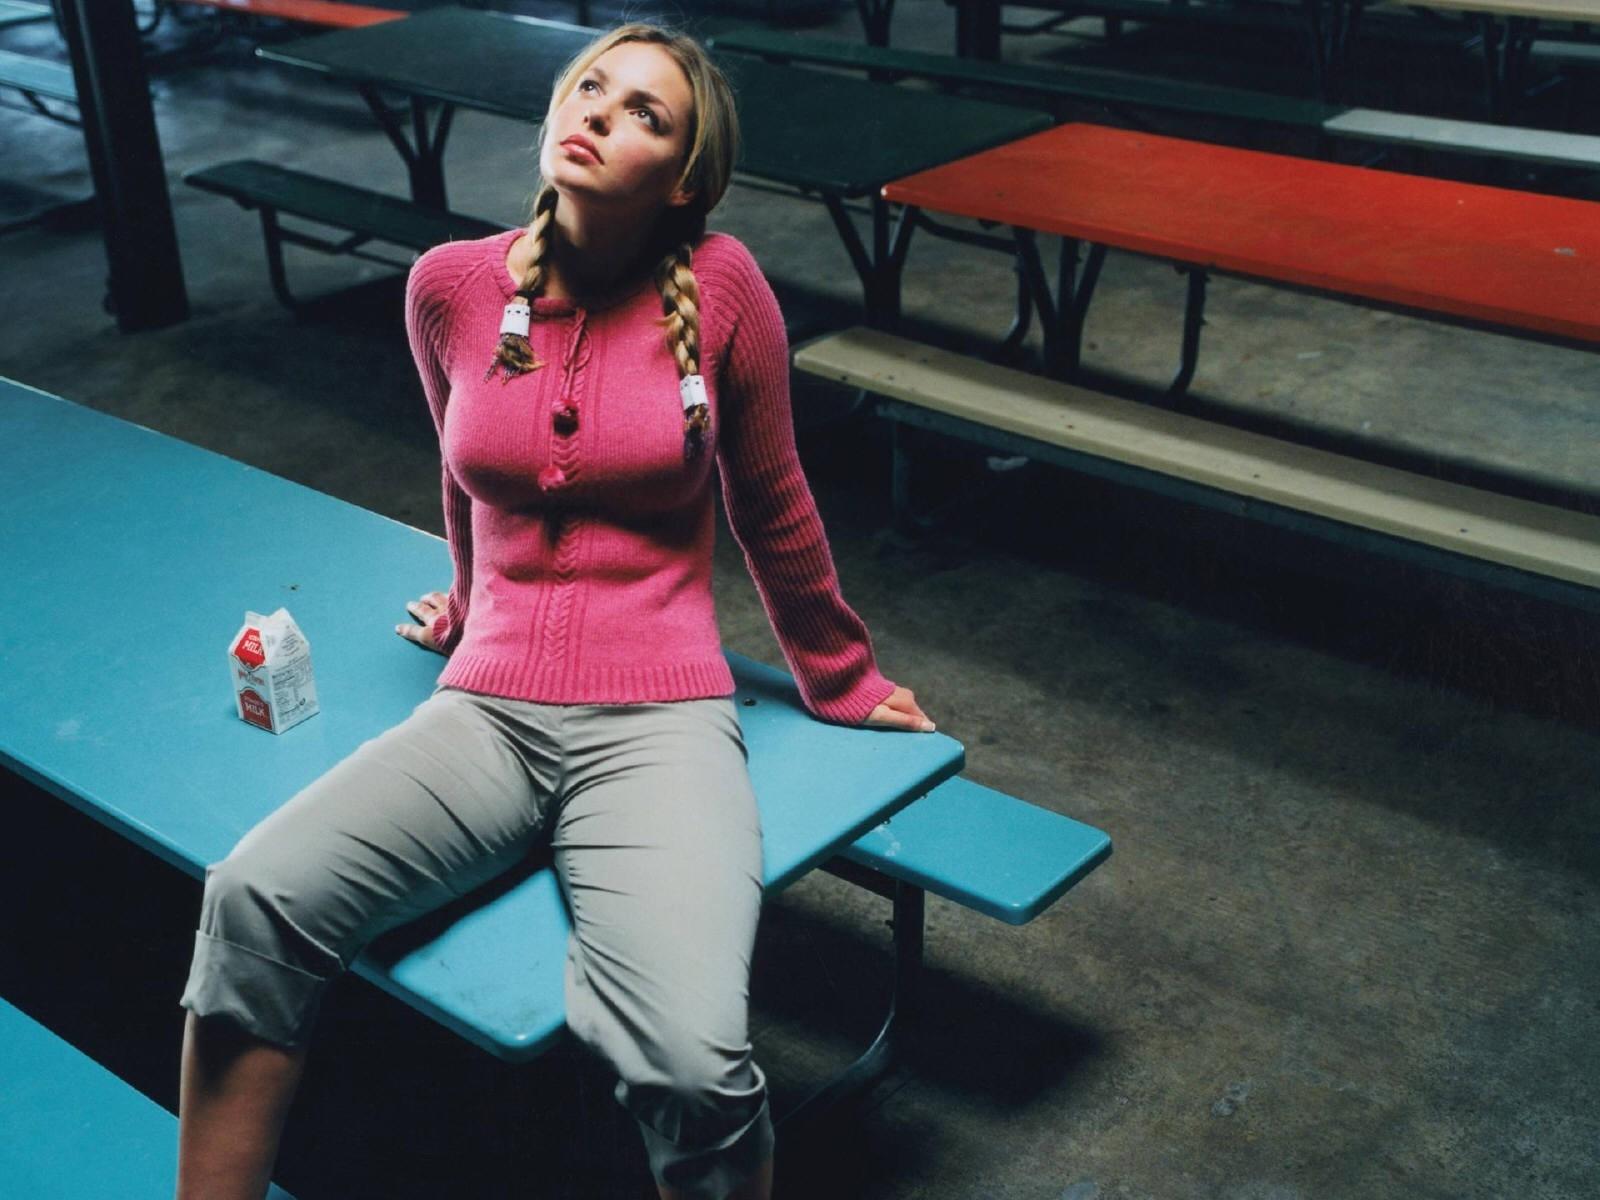 Wallpaper di Katherine Heigl - l'attrice è nata il 24 novembre '78 negli USA